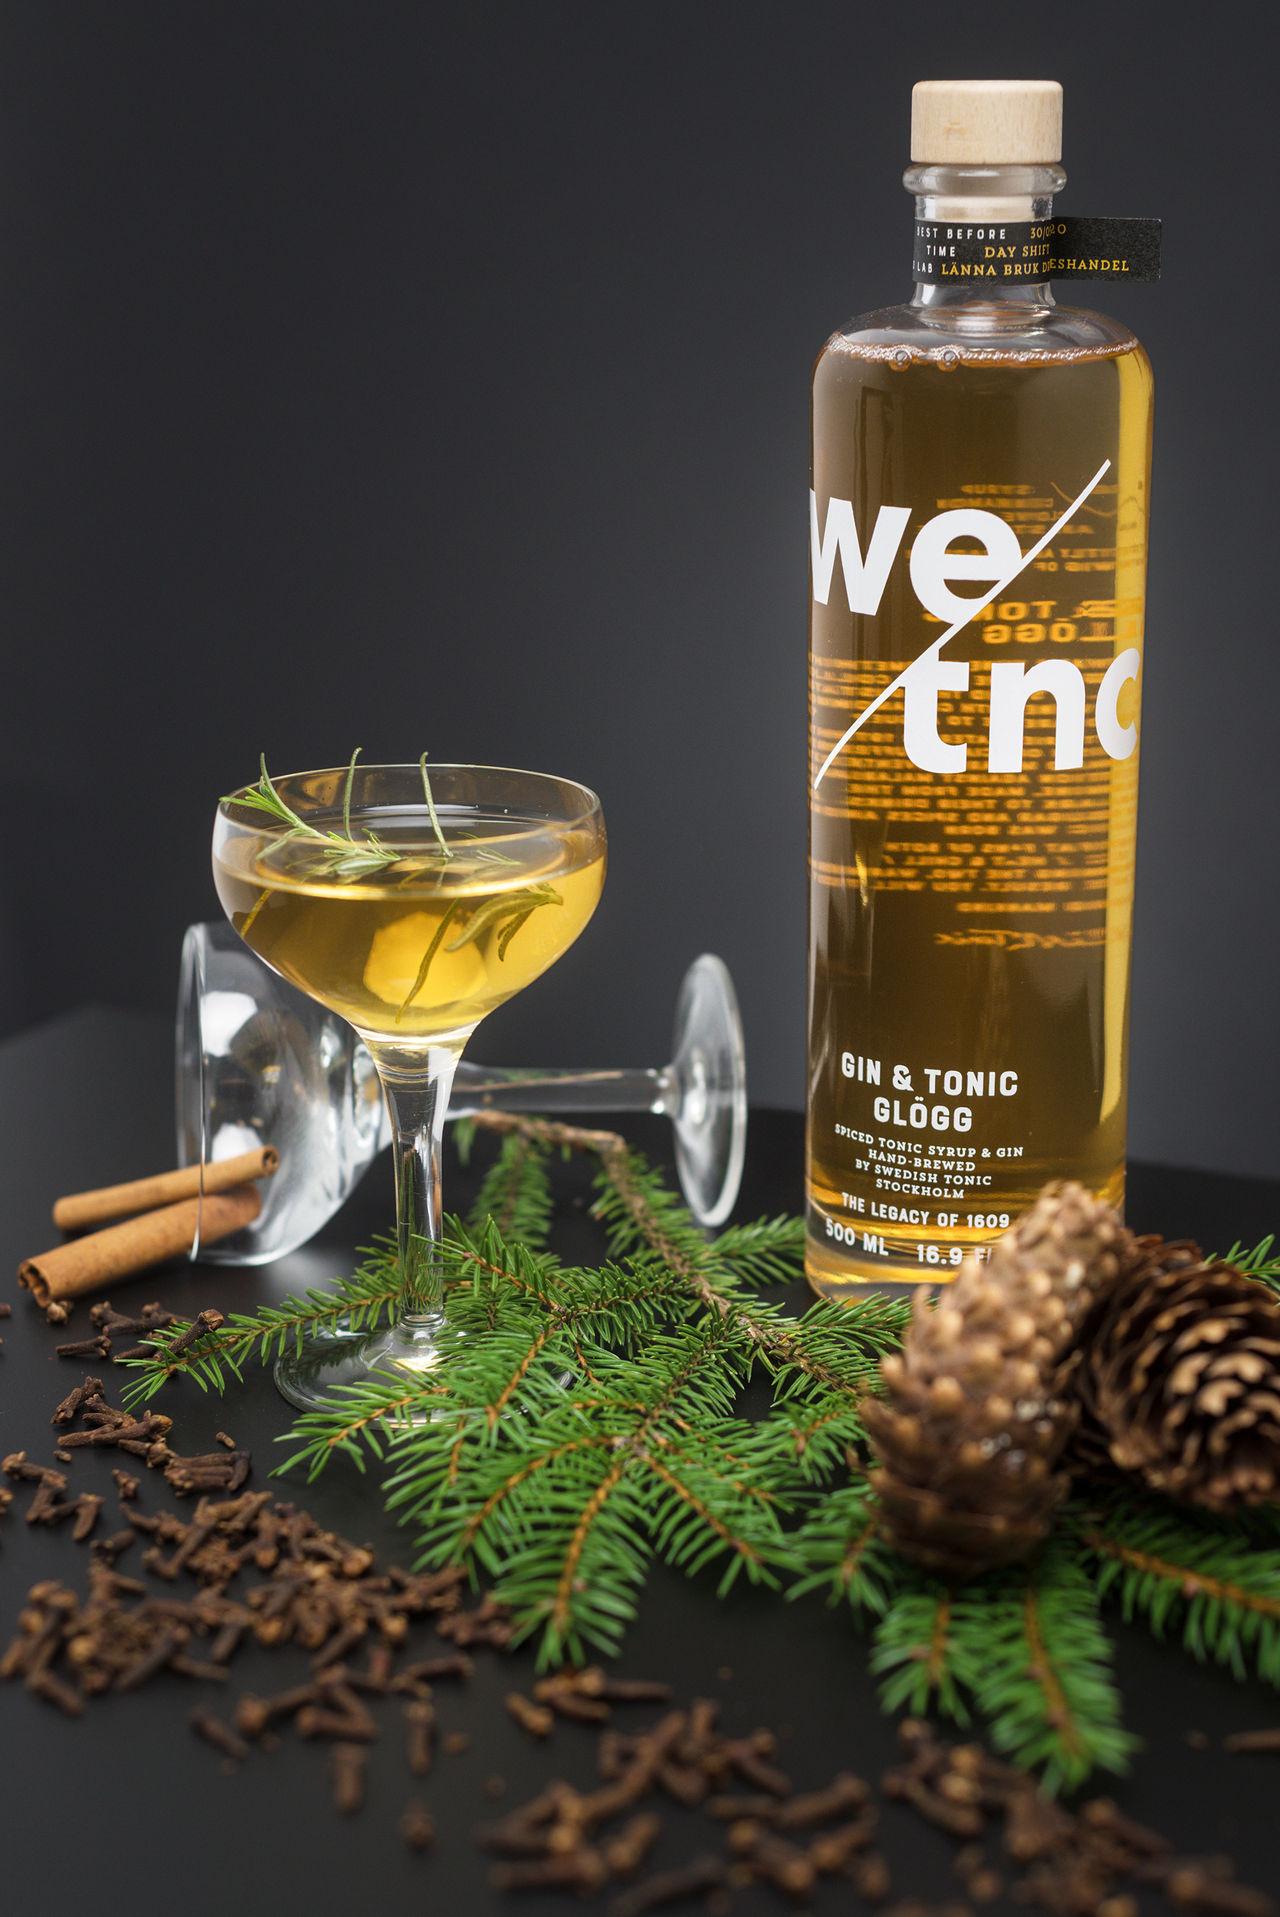 Färdig Gin & Tonic-glögg från Swedish Tonic